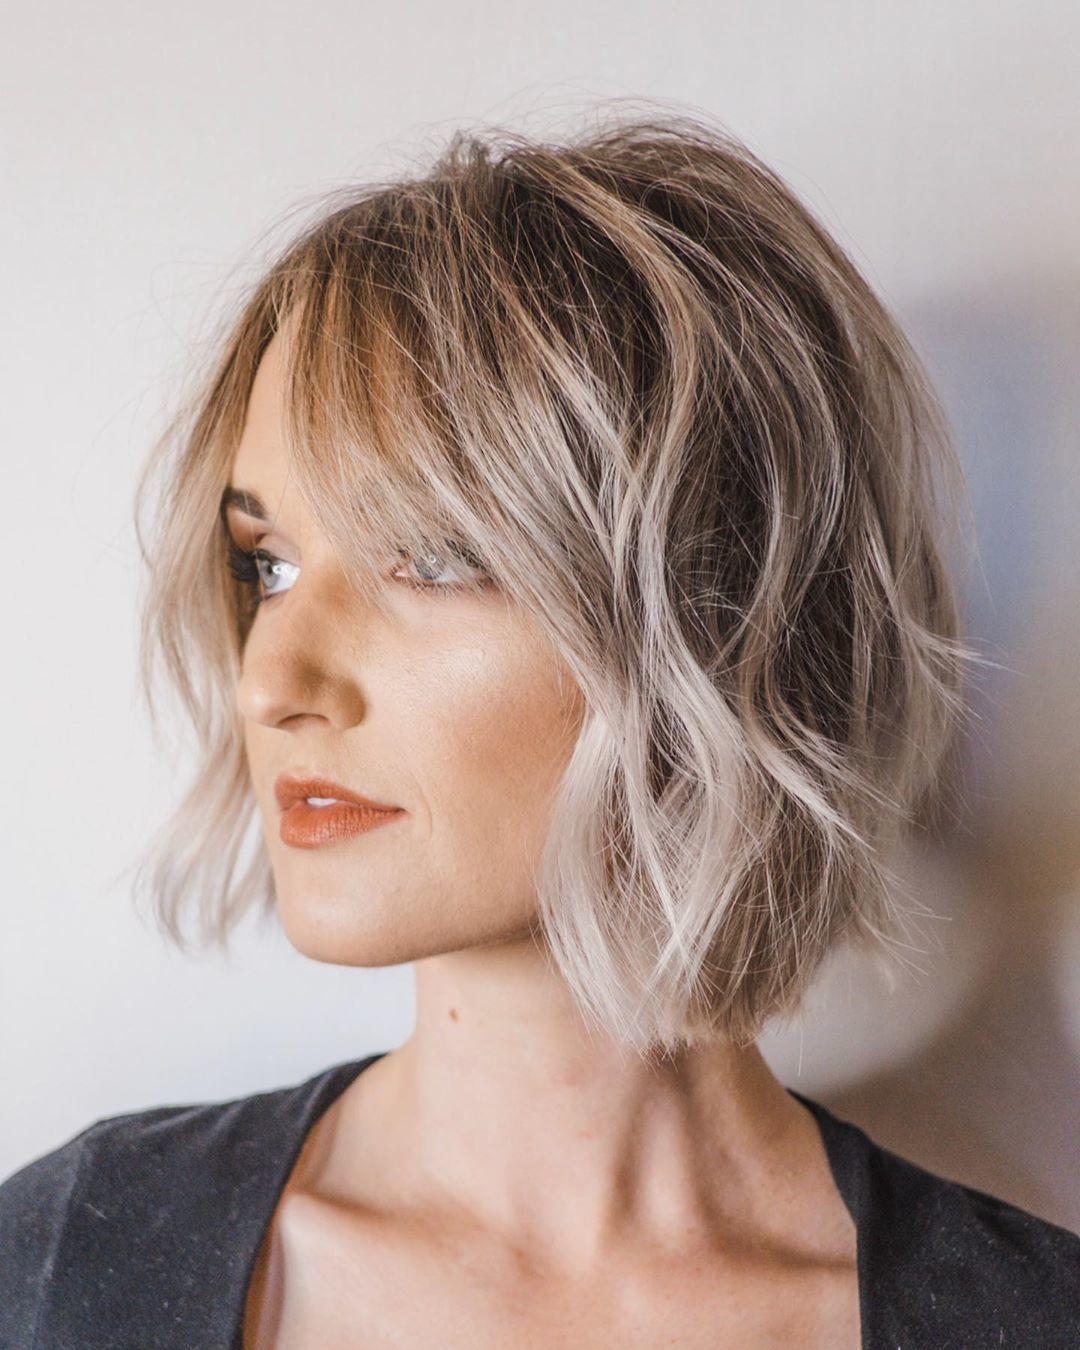 Femme au bob blond texturé avec des couches subtiles